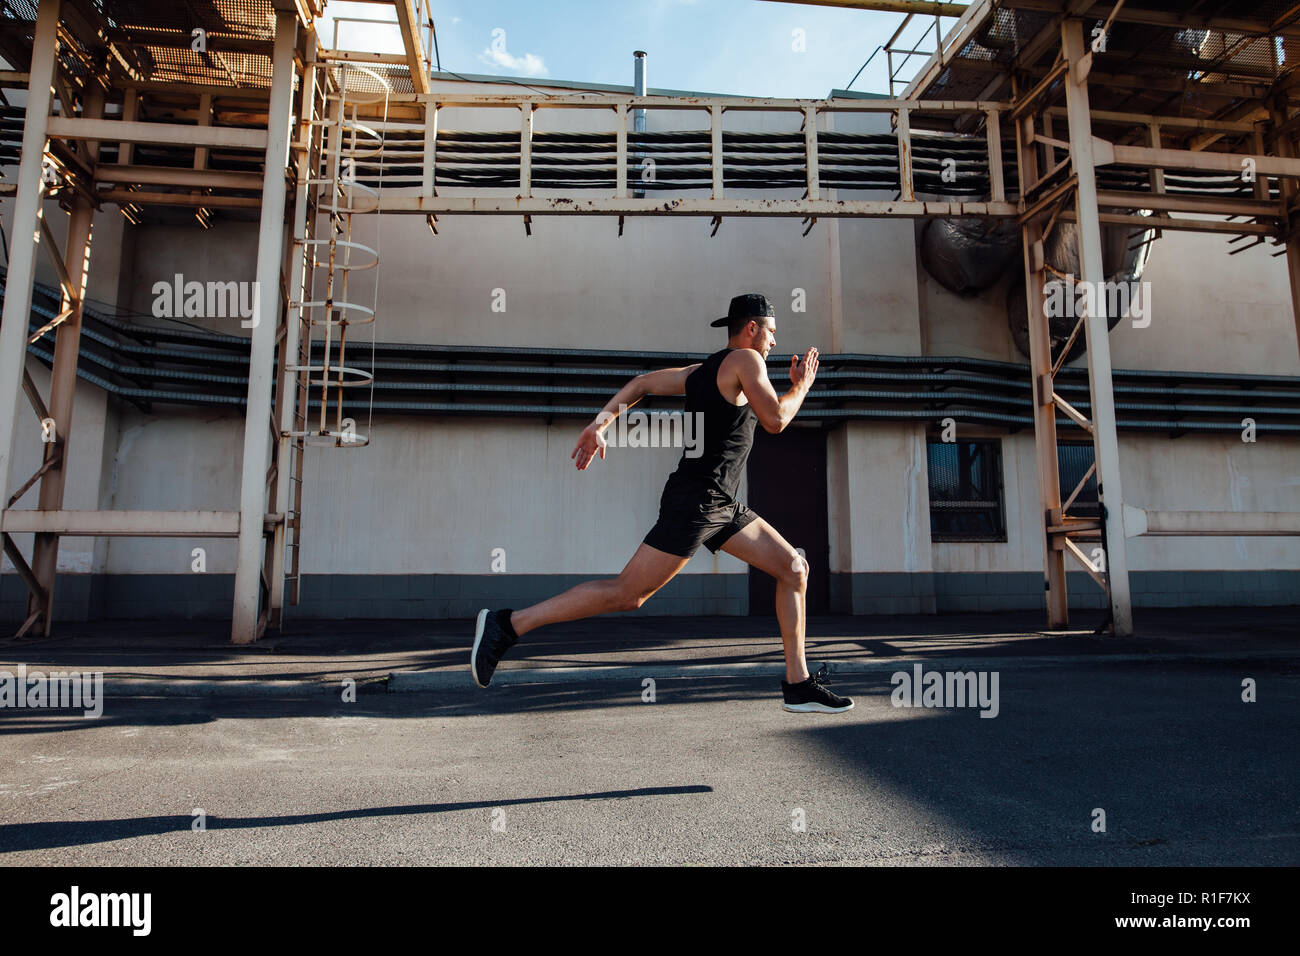 Uomo sportivo corre veloce in città industriale dello sfondo. Sport ed atletica, fitness, attività di jogging Immagini Stock